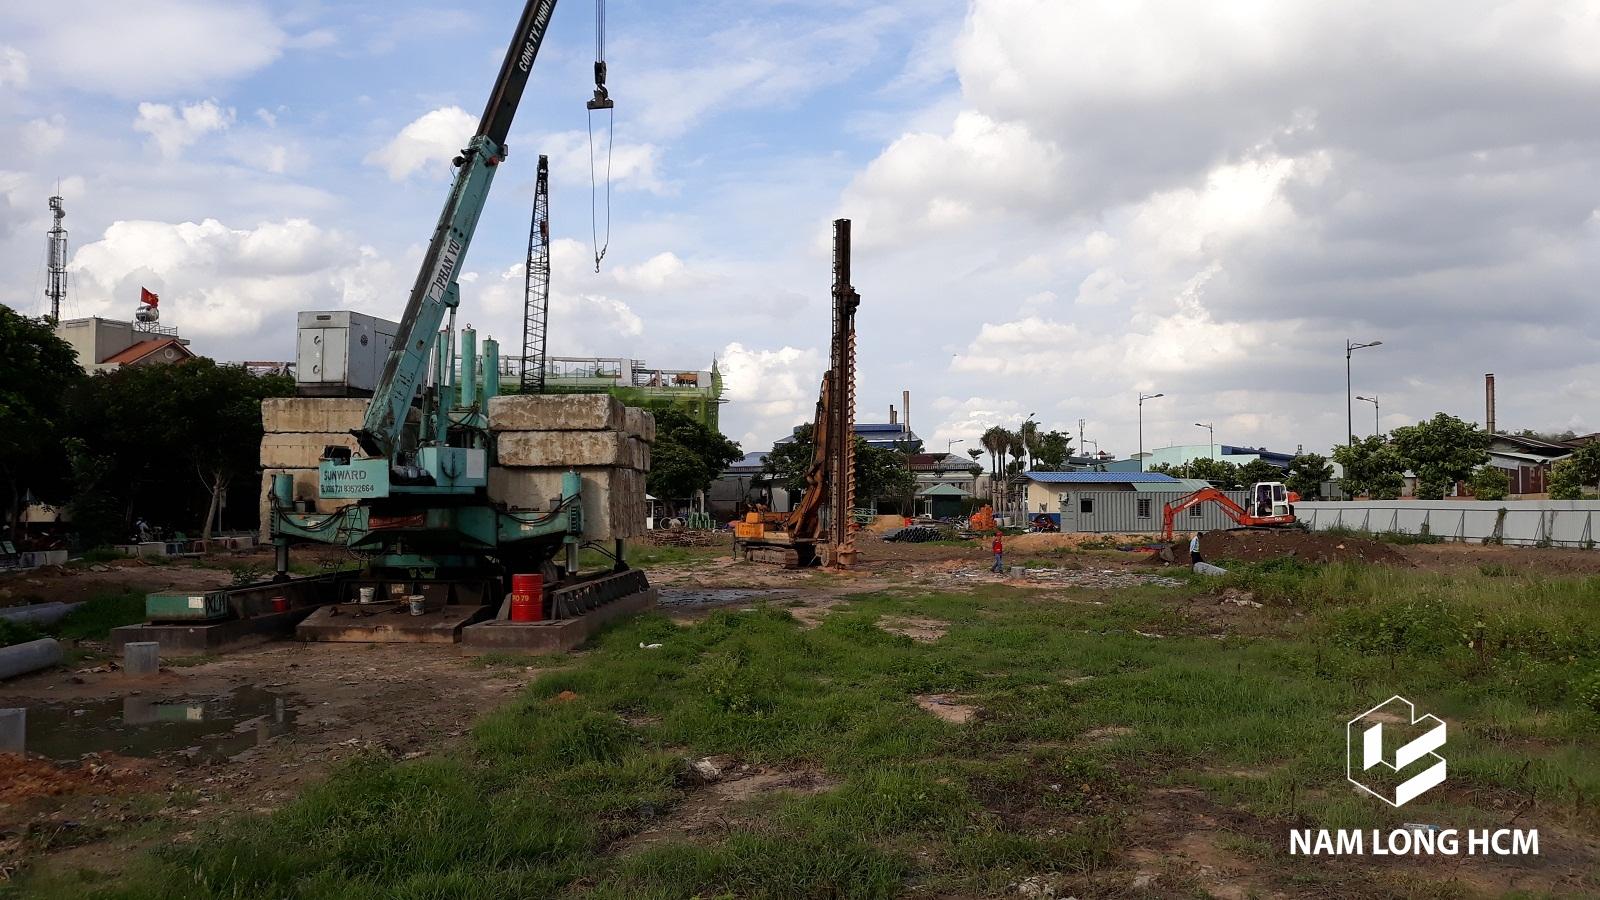 Tiến độ xây dựng dự án Flora Novia Thủ Đức Tháng 06/2018. Ảnh: Nam Long HCM